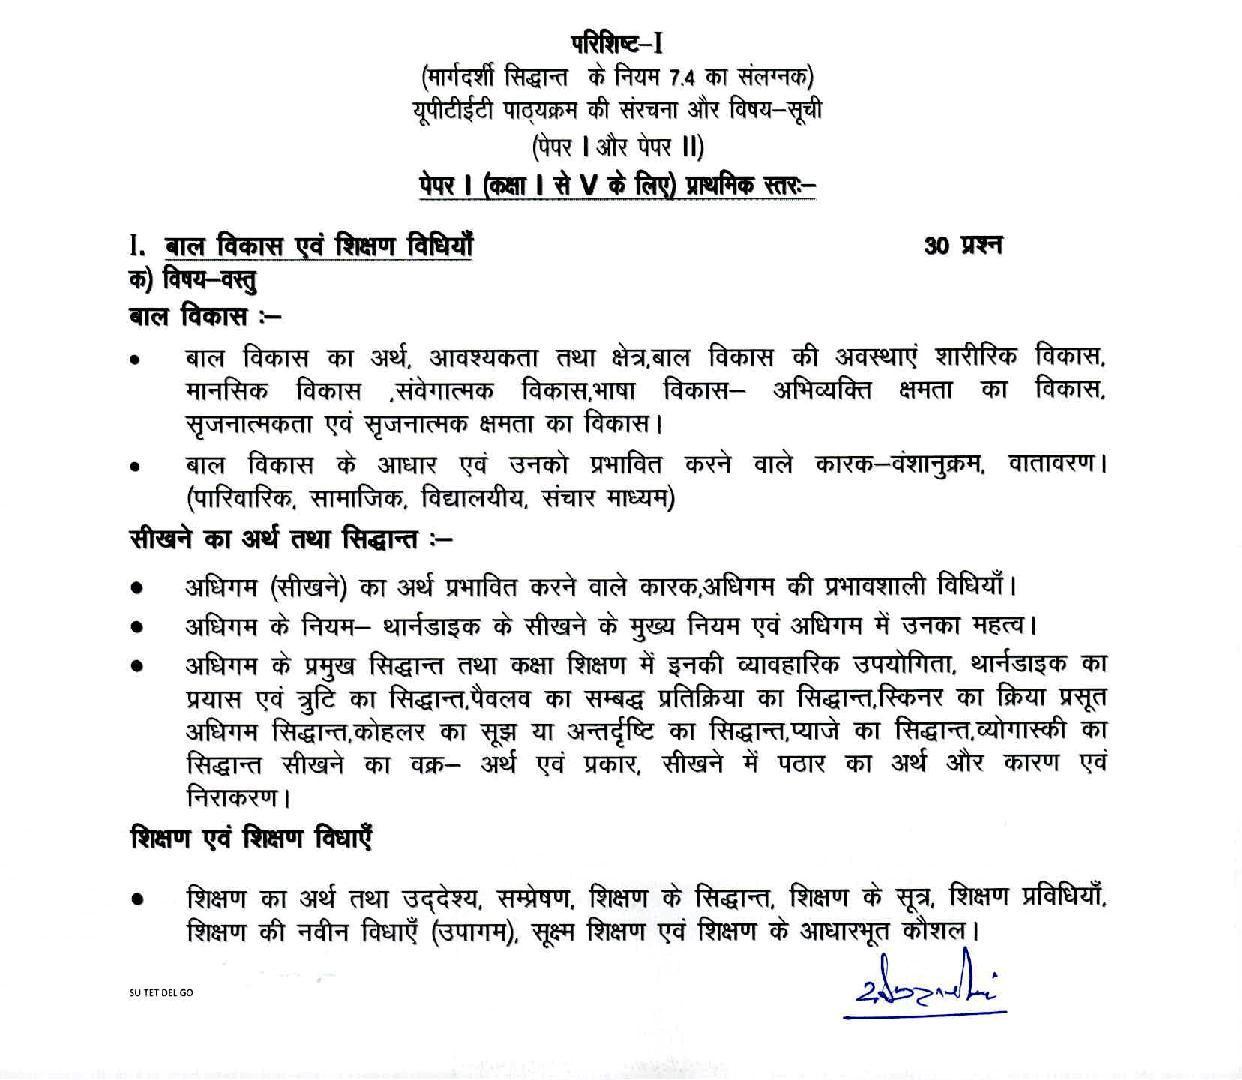 प्राथमिक स्तर पेपर-I (कक्षा 1 से 5 तक) पाठ्यक्रम देखे 1